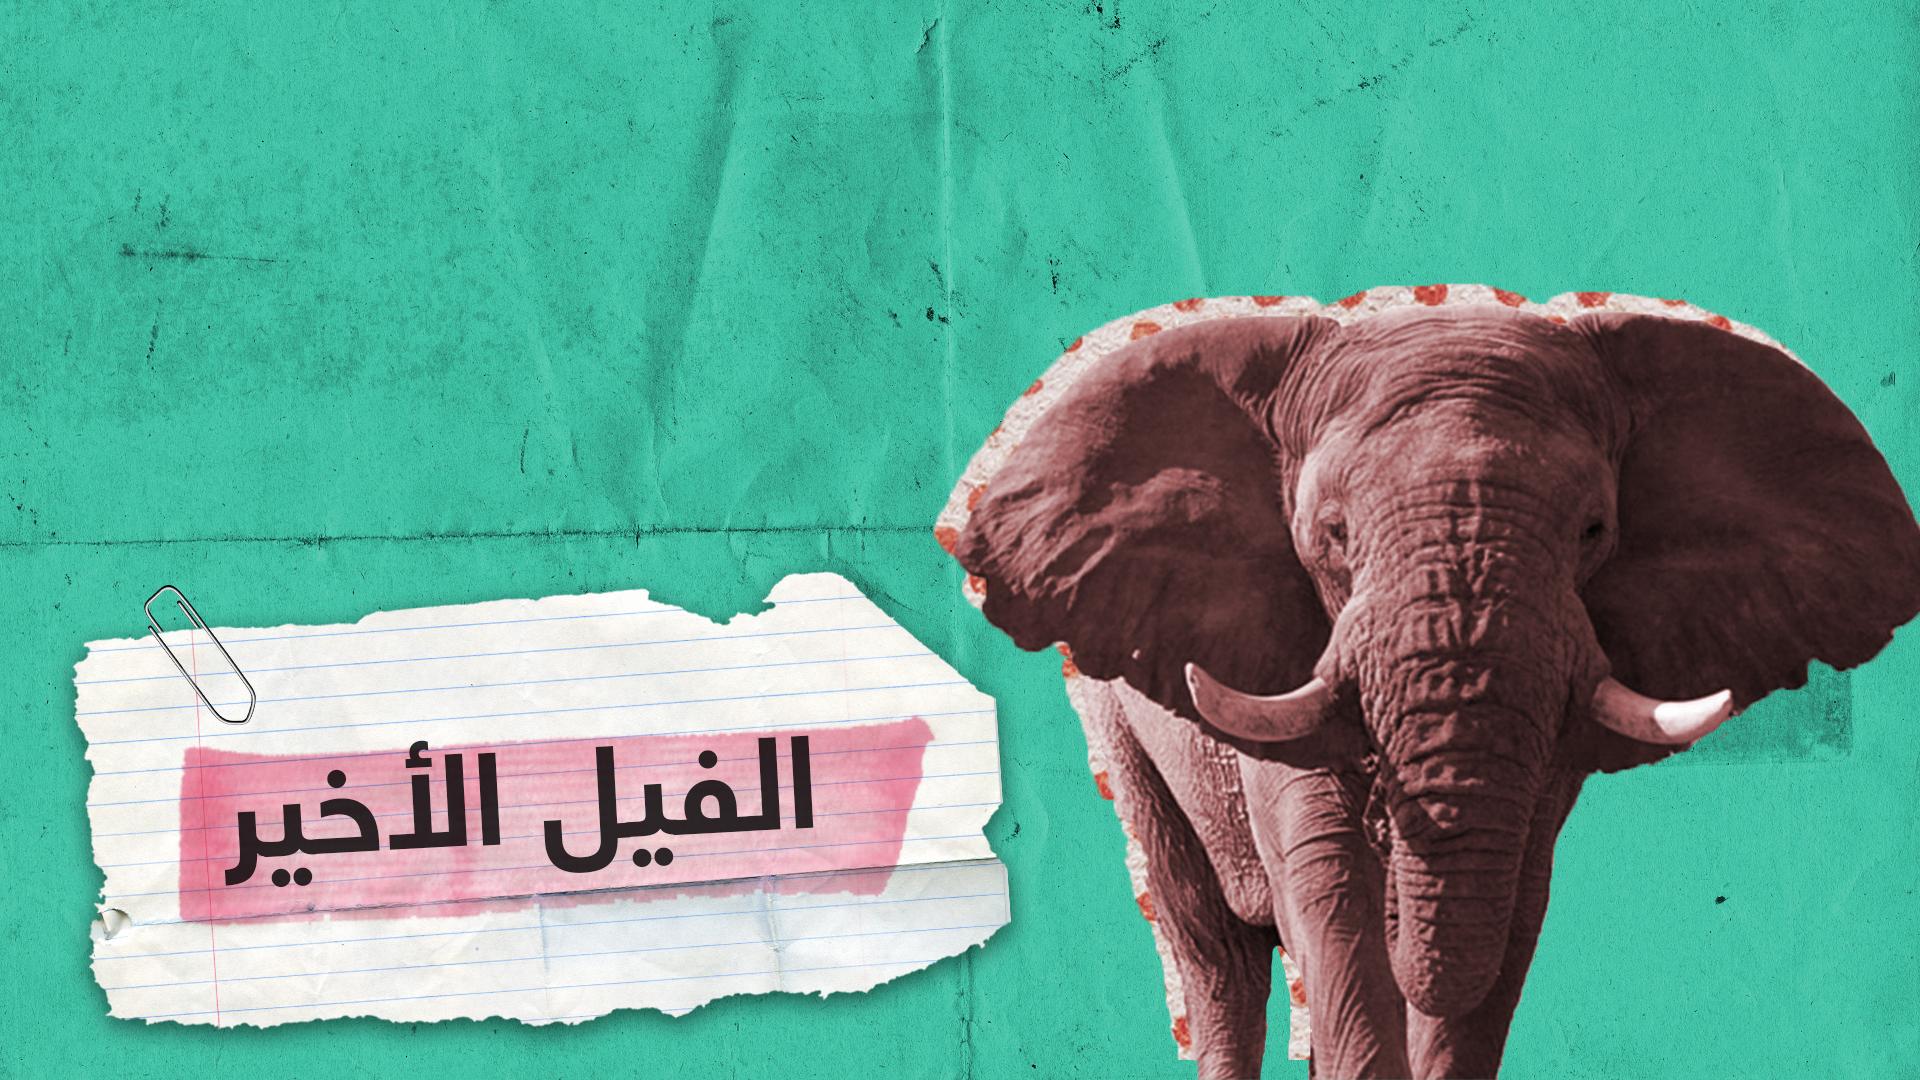 آخر فيل حي في جنوب إفريقيا!